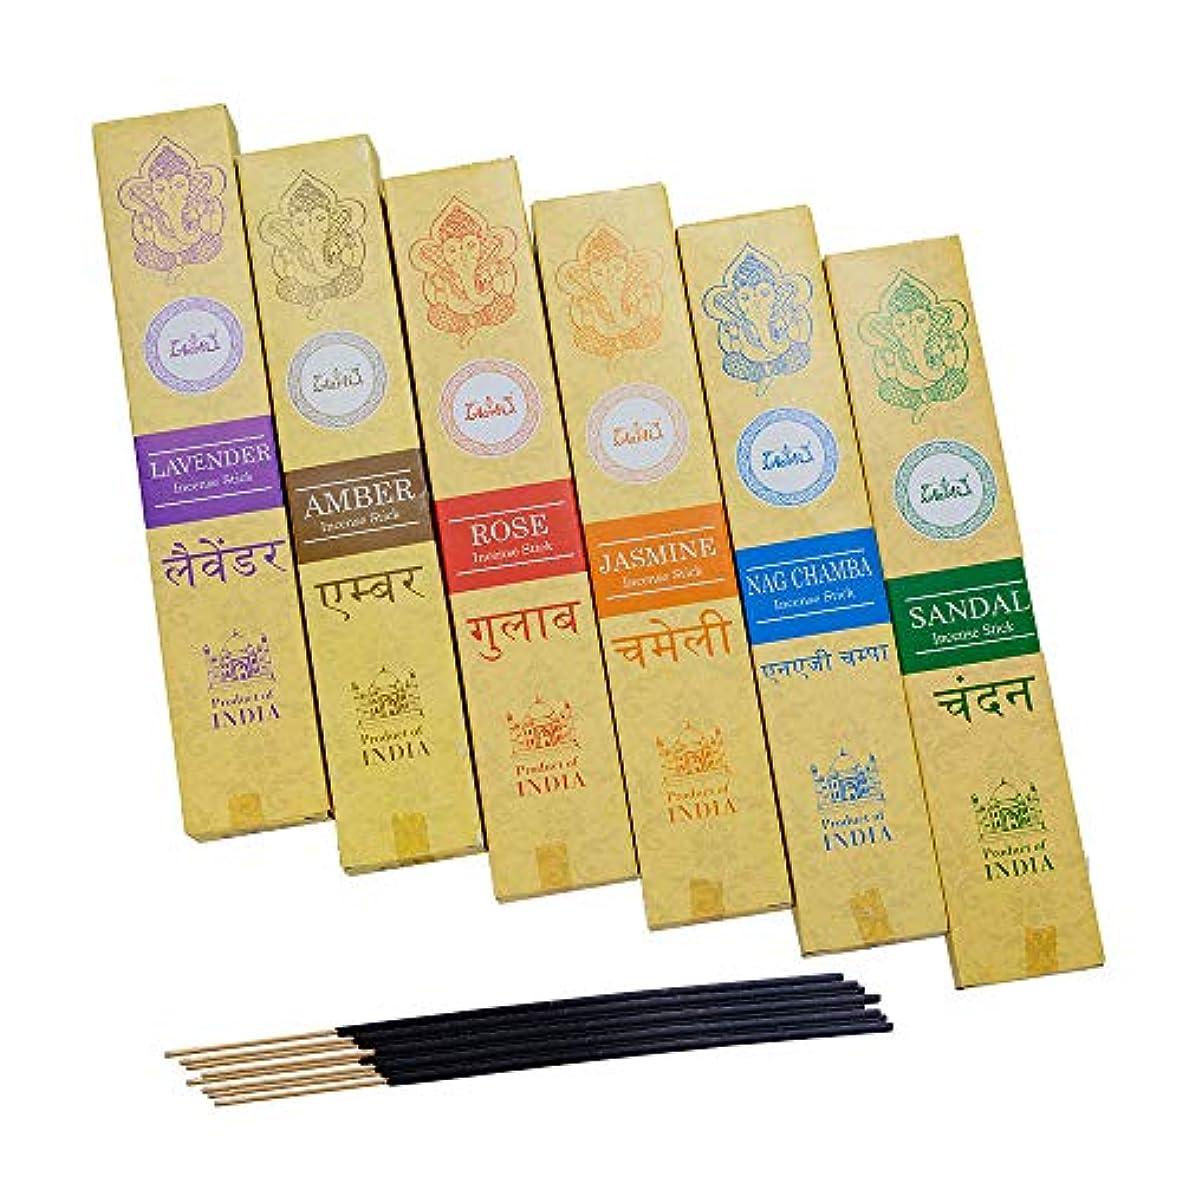 物理的なさておき縁神戸アールティー インド お香 6種類 セット スティック インセンス